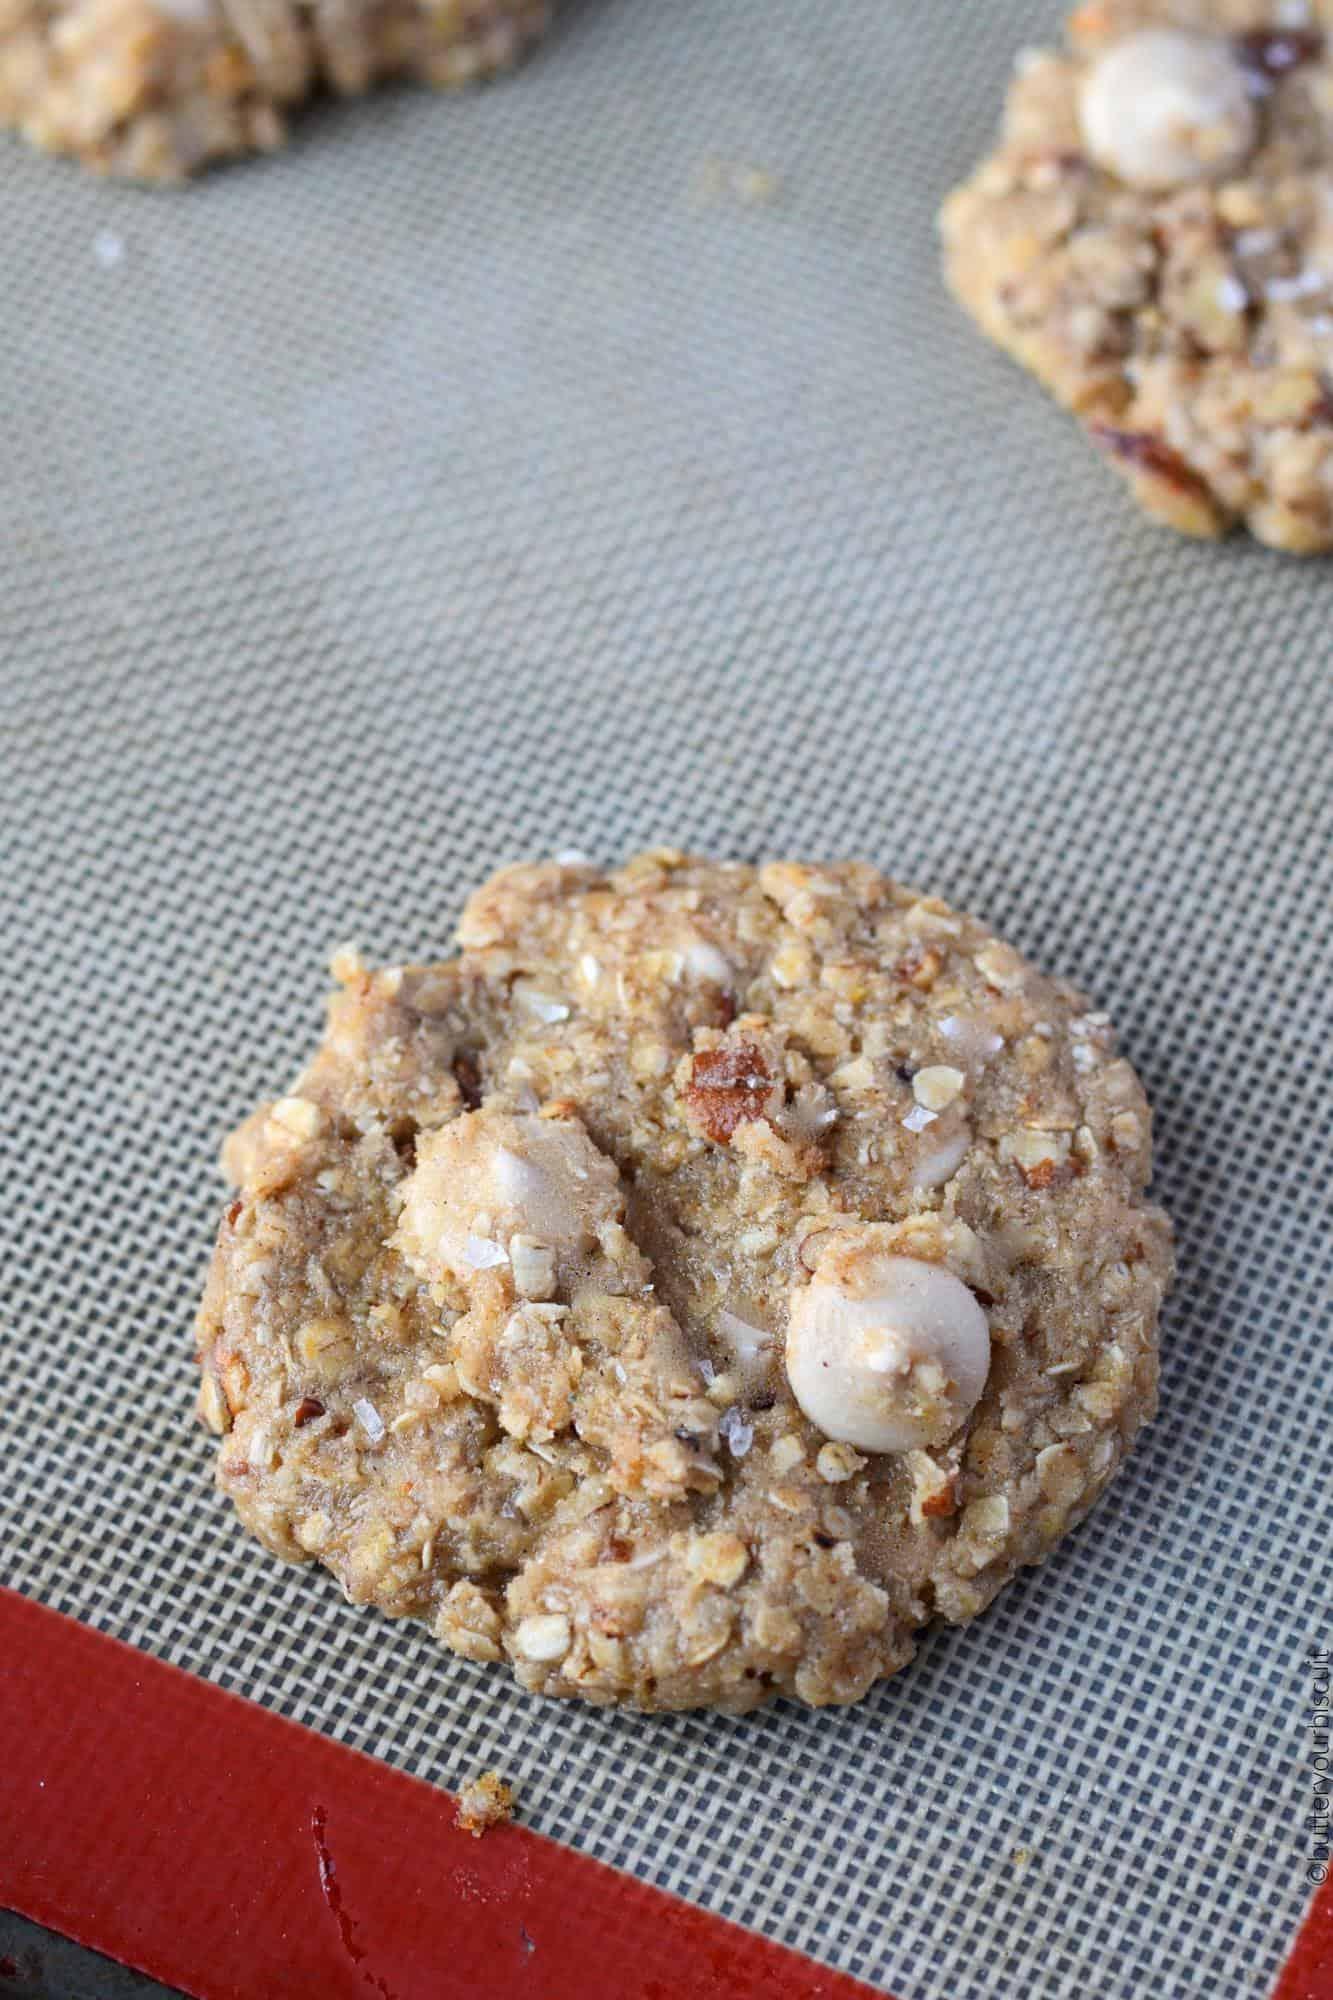 Caramel Pecan Oatmeal cookie raw dough